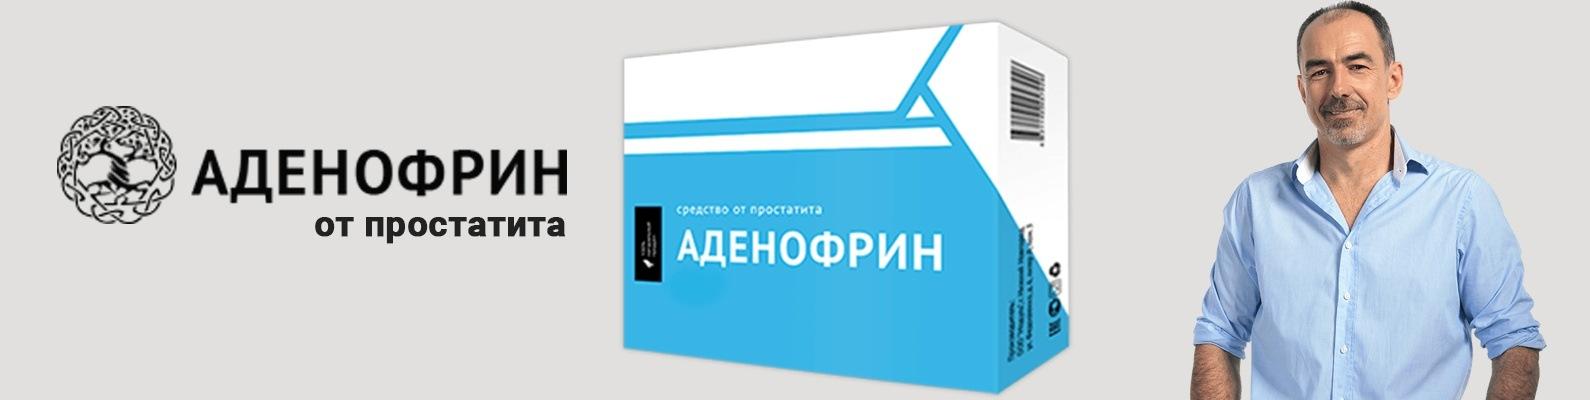 Аденофрин от простатита в Саранске